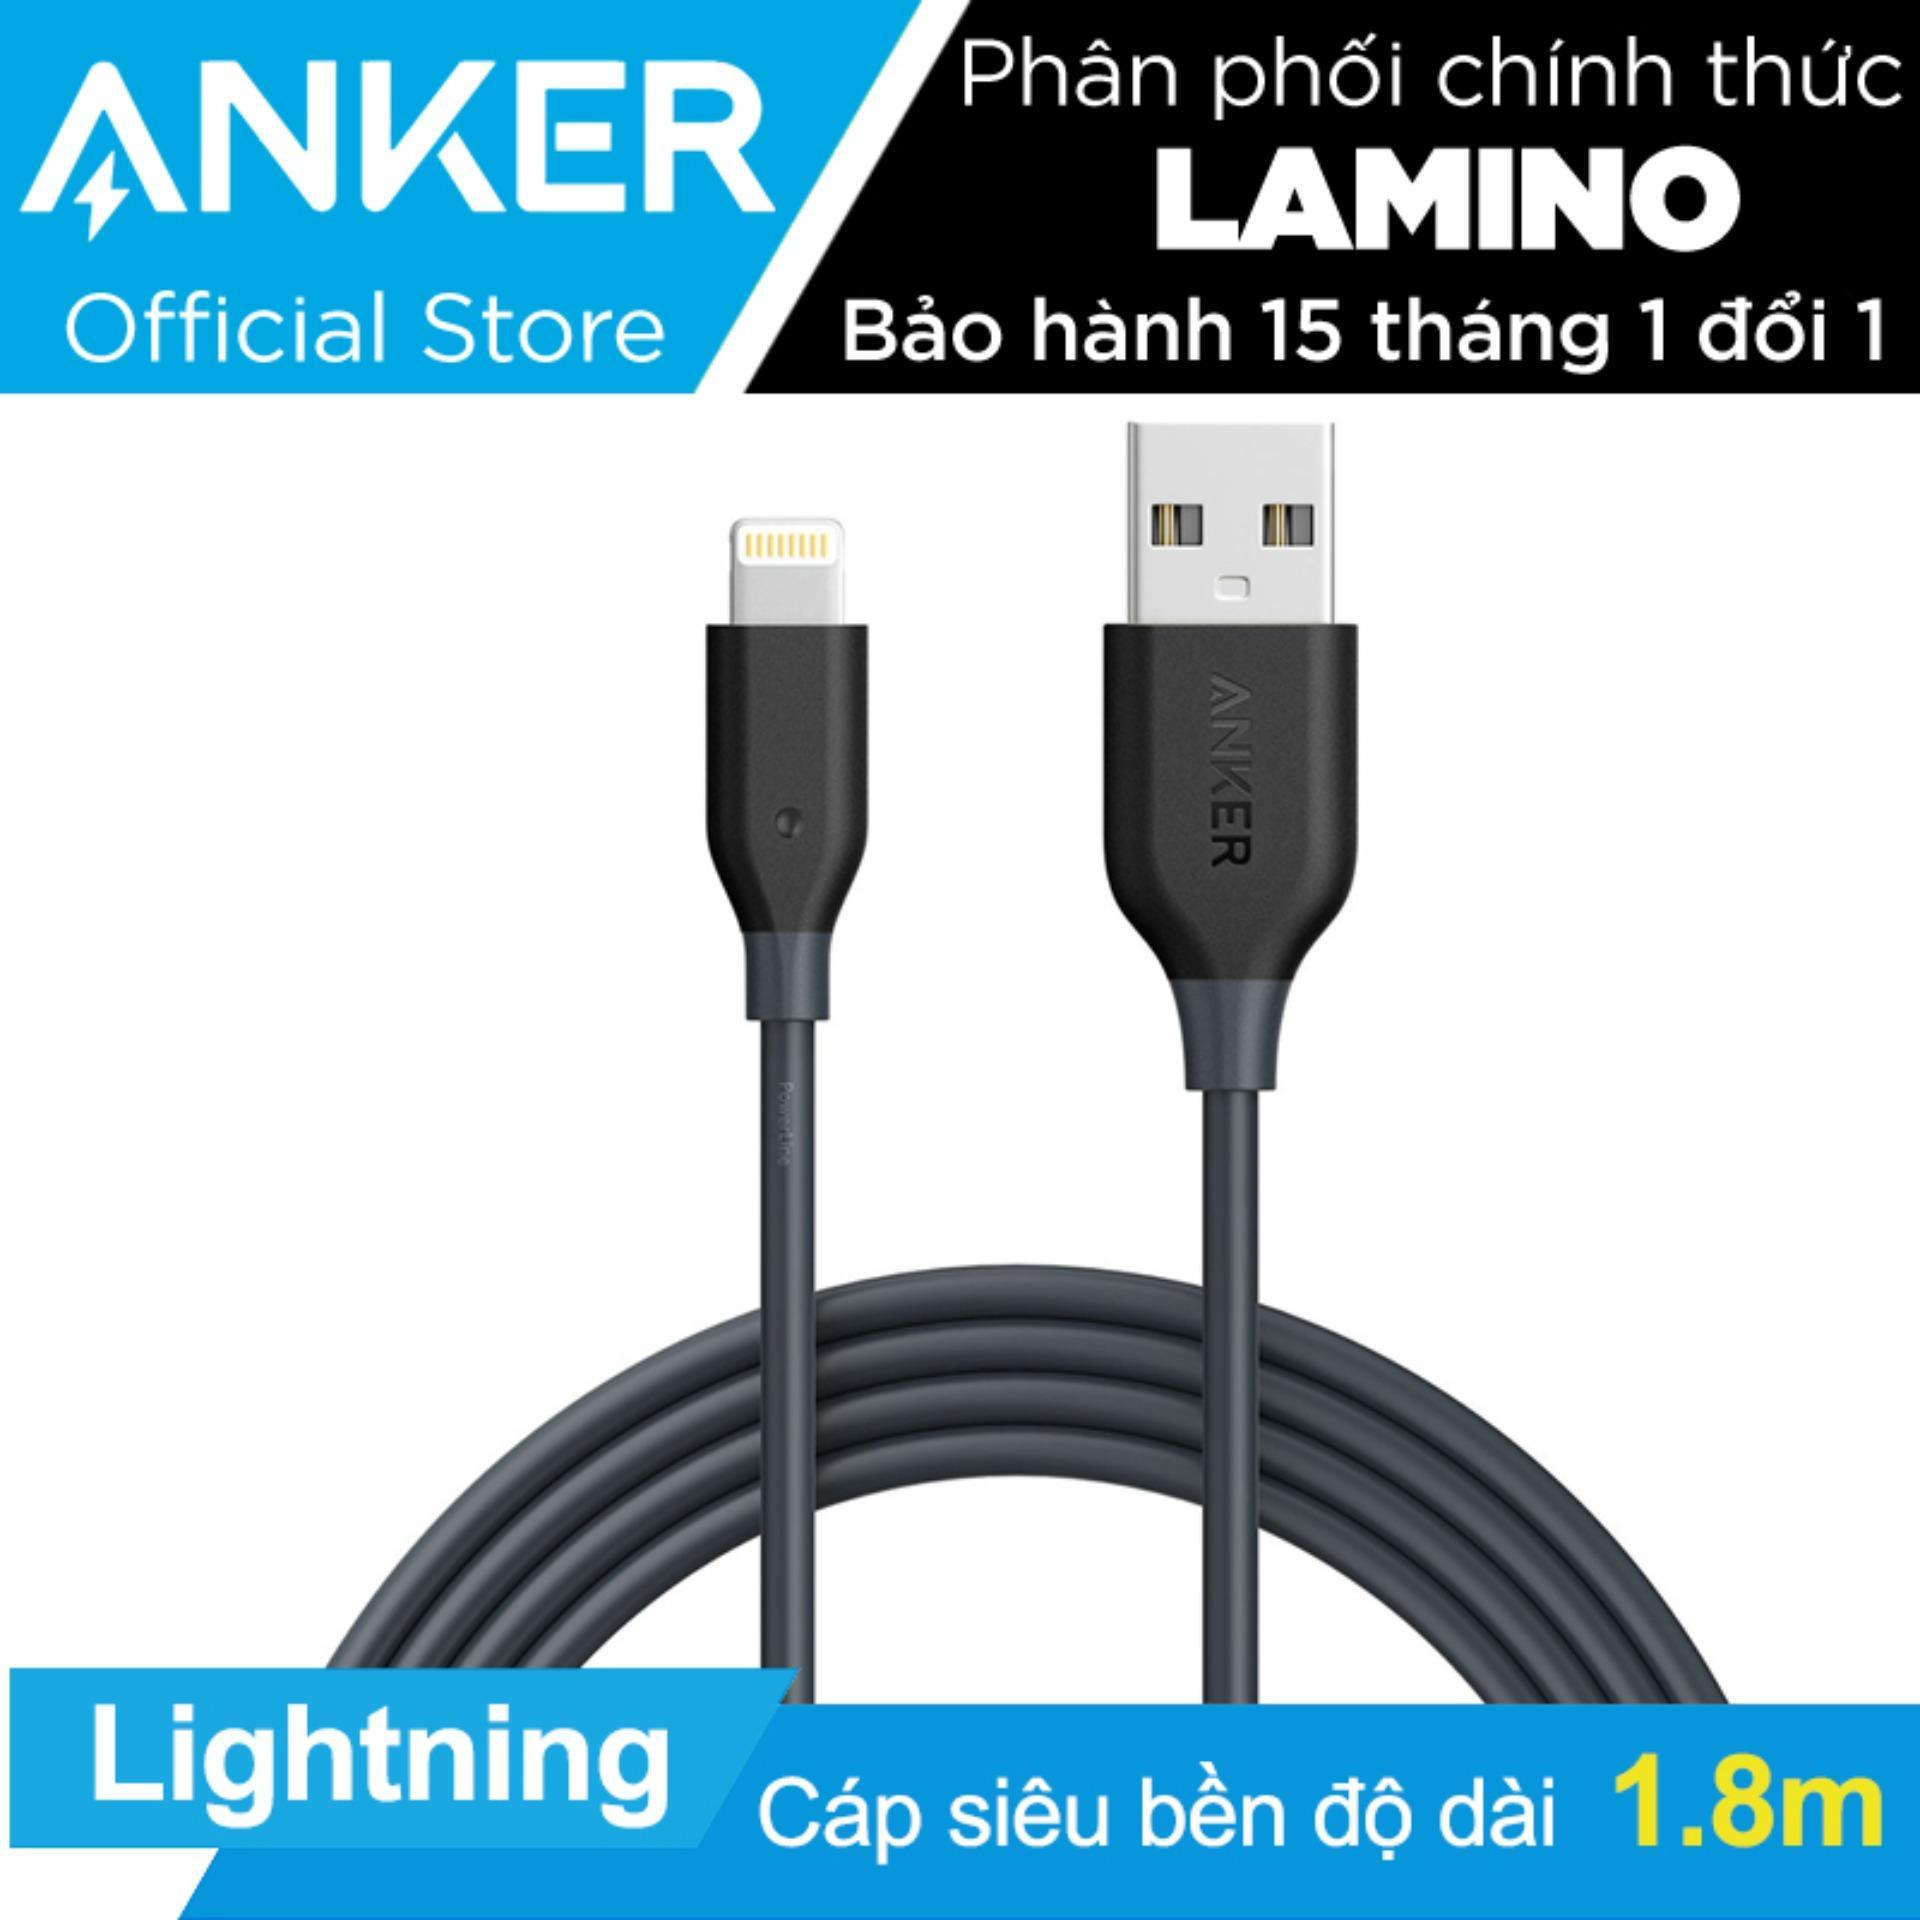 Bán Cap Sạc Sieu Bền Anker Powerline Lightning 1 8M Cho Iphone Ipad Ipod Xam Hang Phan Phối Chinh Thức Hồ Chí Minh